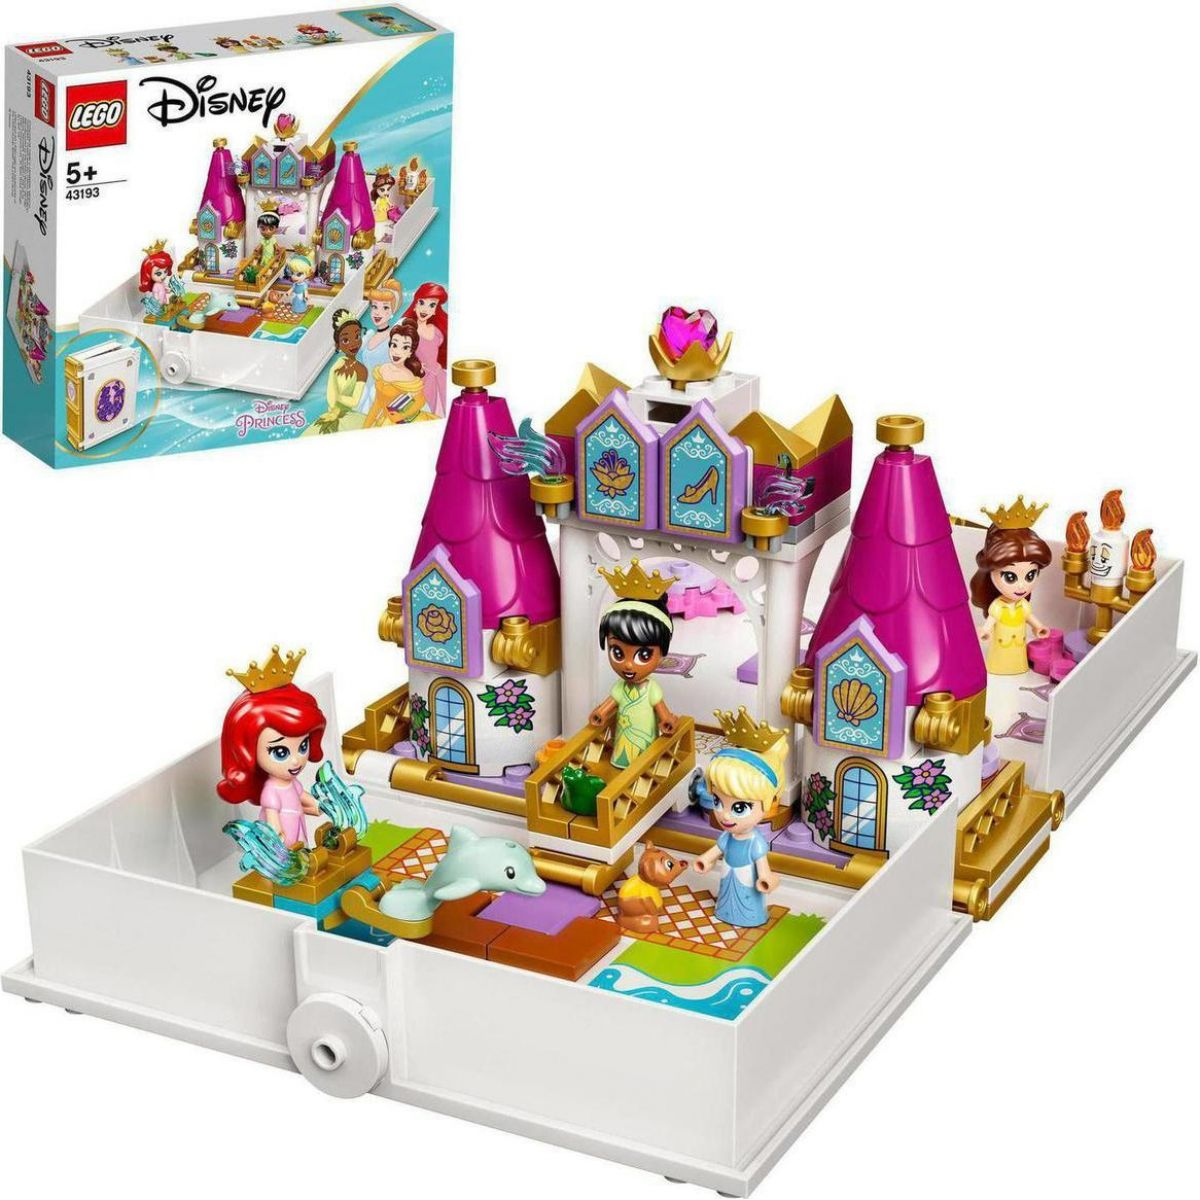 LEGO® I Disney Princess™ 43193 Ariel, Kráska, Popelka a Tiana a jejich pohádková kniha dobrodružství